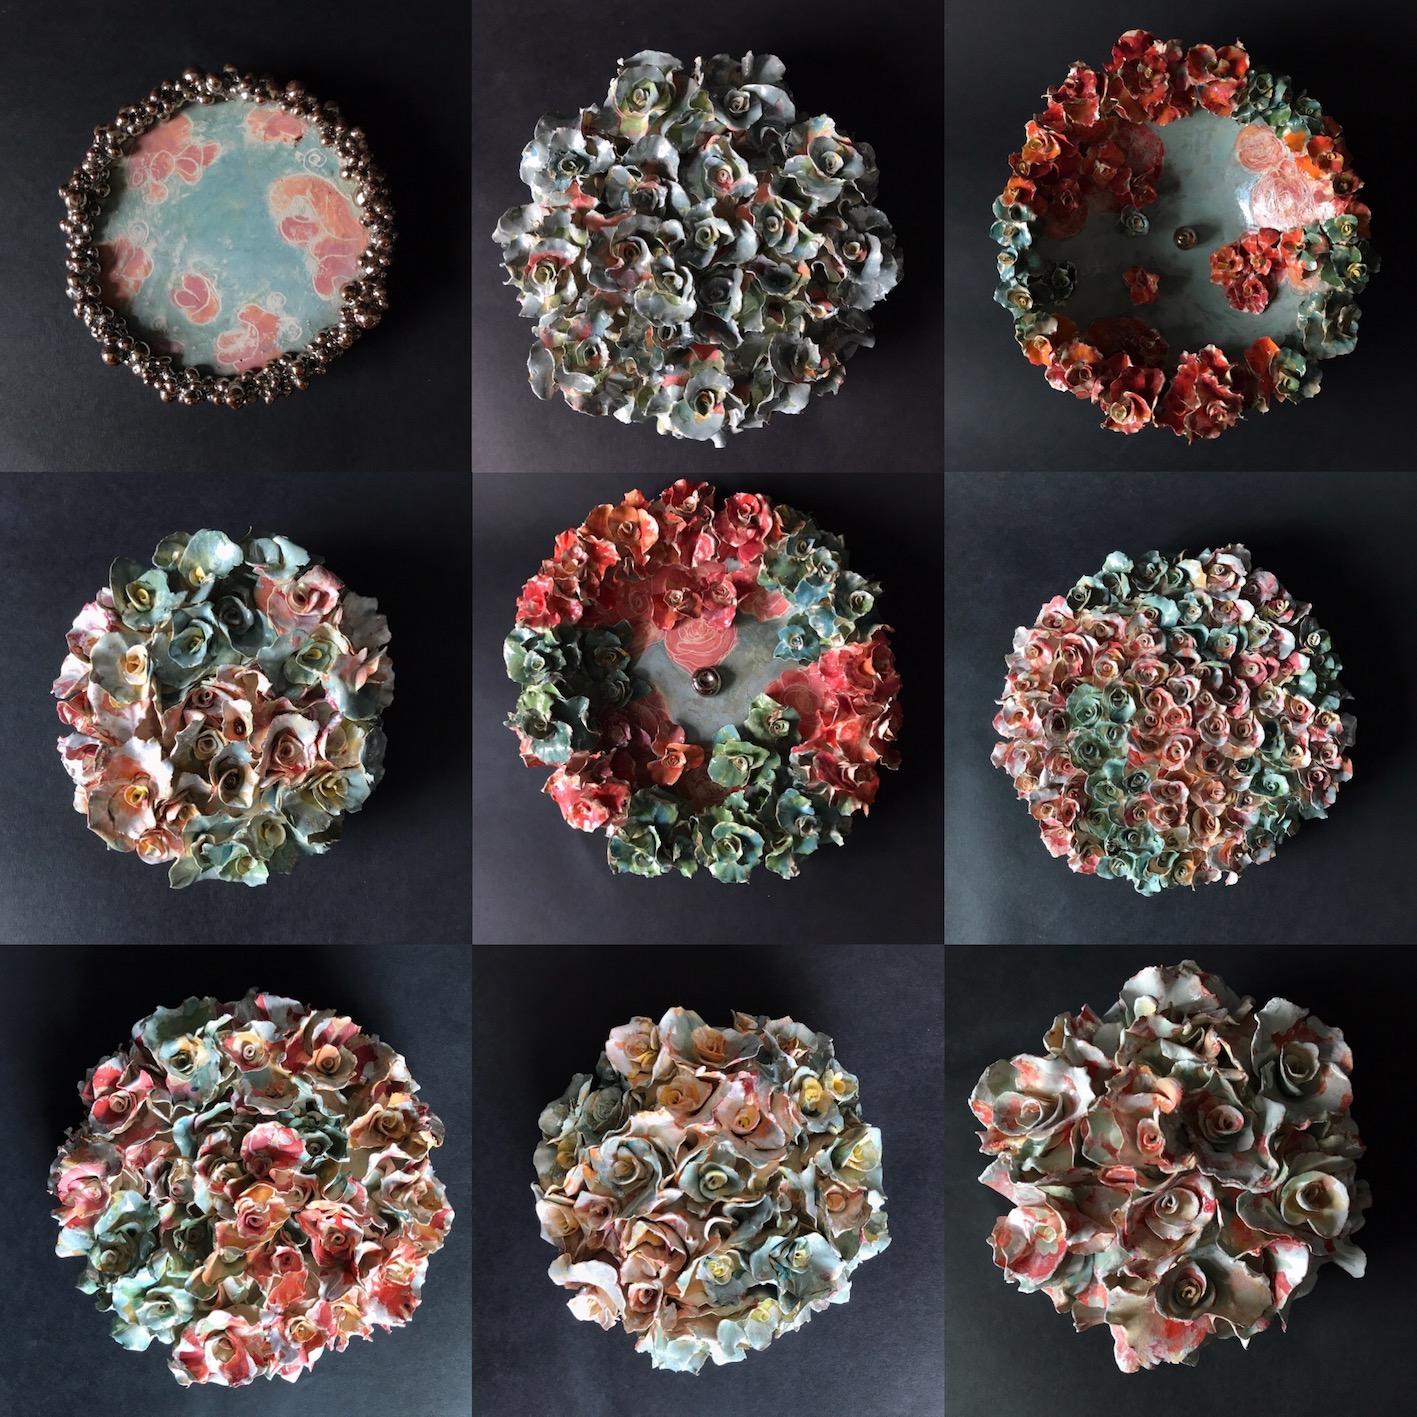 Keramiek kunst voor aan de muur. Aardewerk, ronde vormen bedekt met handgevormde bloemvormen. Bewerkt met engobes en glazuren.